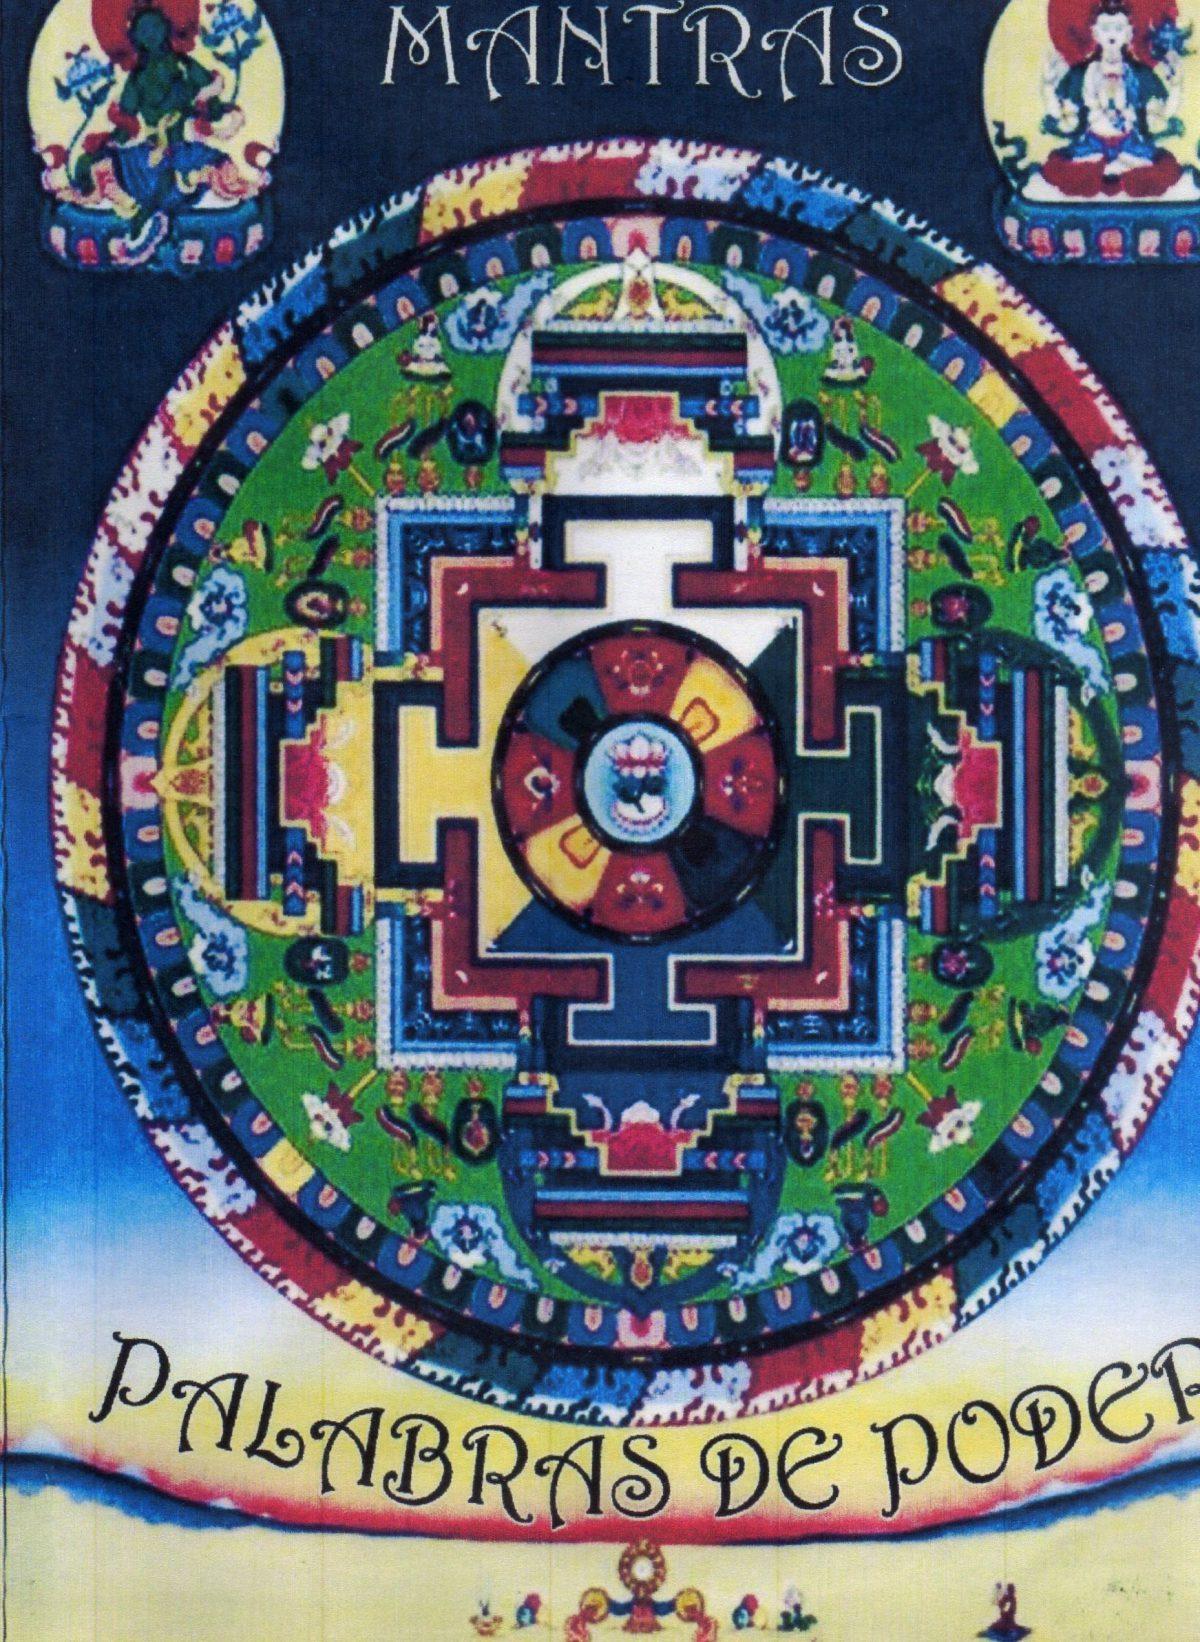 MANTRANS PALABRAS DE PODER CD